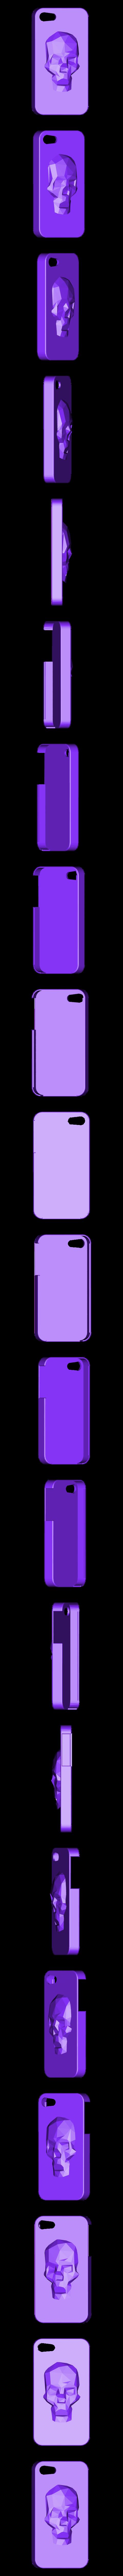 low_poly_skull_iphone_44s_case.stl Télécharger fichier STL gratuit Étui Low Poly Skull iPhone (4, 4s, 5s, 6 et 6 plus) • Modèle à imprimer en 3D, Mathi_